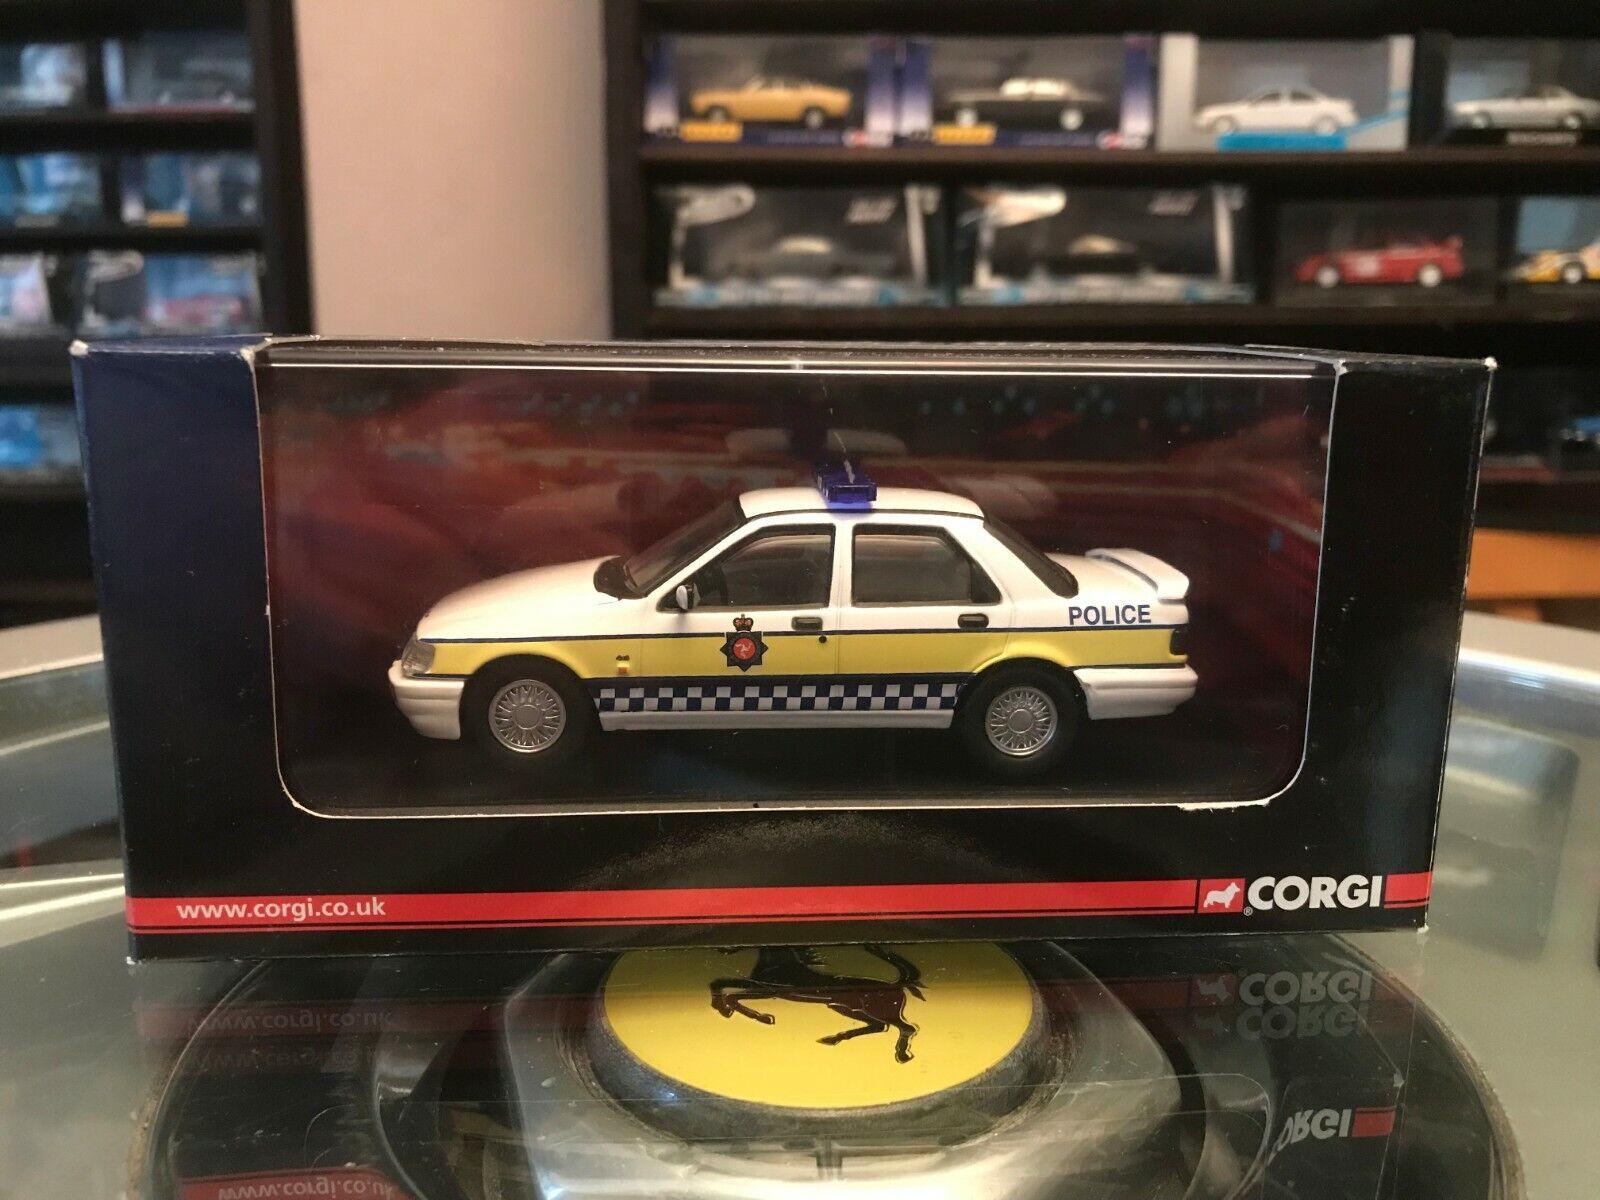 alto descuento Vanguards Ford Sierra Sapphire Rs Cosworth Isla de de de Man policía 1 43 MIB Ltd Ed  comprar mejor